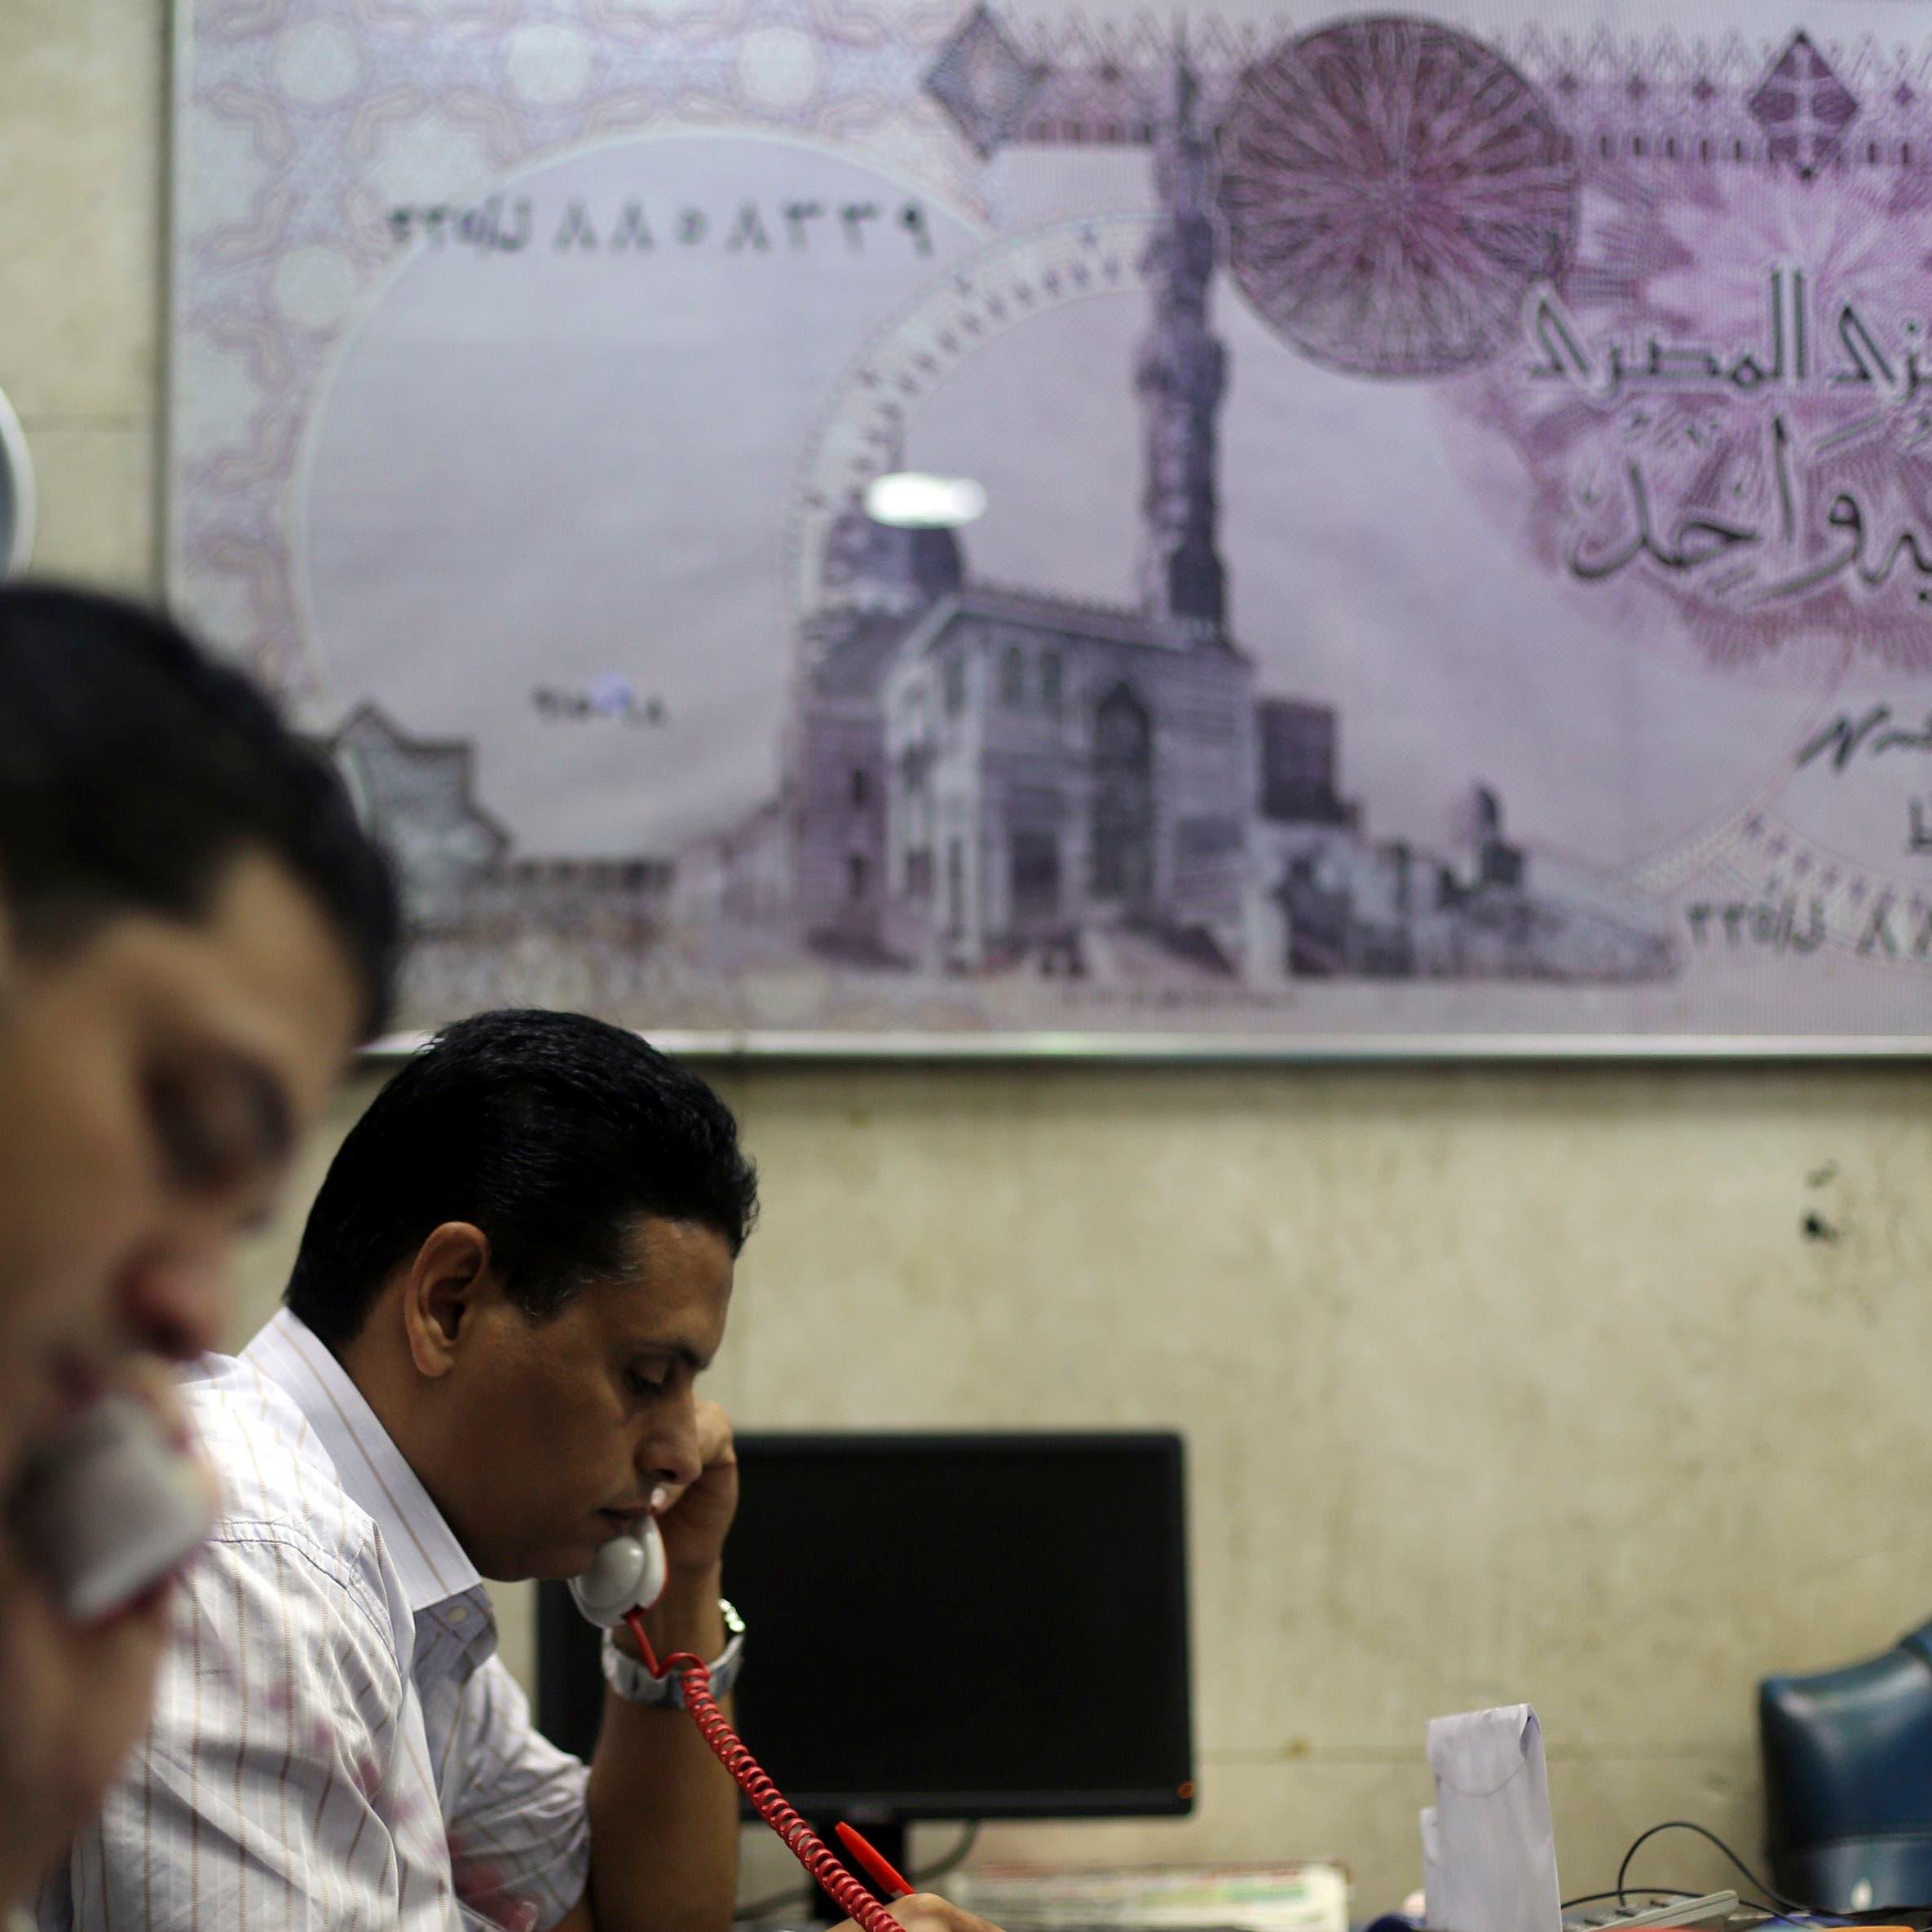 مصر تعتزم إصدار سندات قابلة للاستدعاء للتحوط من الفائدة